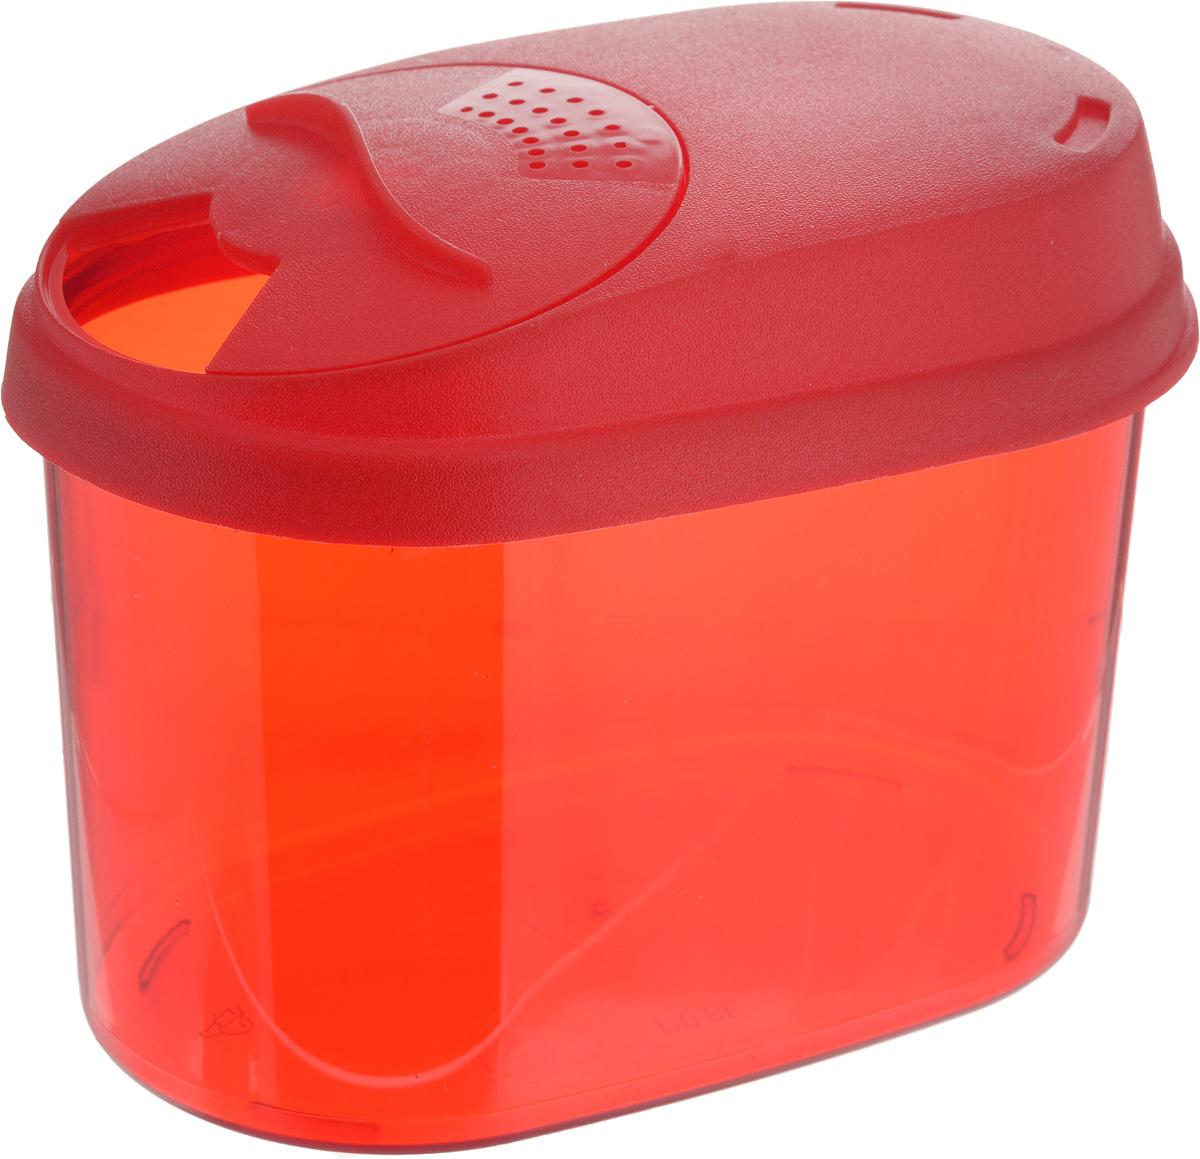 Банка для сыпучих продуктов Giaretti, с дозатором, цвет: красный, 0,8 лGR3610_красныйБанка для сыпучих продуктов Giaretti выполнена из высококачественного пластика. Банка предназначена для хранения круп, сахара, макаронных изделий и в том числе для продуктов с ярким ароматом (специи и прочее). Плотно прилегающая крышка не пропускает запахи содержимого в шкаф для хранения, при этом продукт не теряет своего аромата. Двойной дозатор предназначен для мелких и крупных сыпучих продуктов. Можно мыть в посудомоечной машине. Объем: 0,8 л. Размер (по верхнему краю): 14,5 x 8,5 см. Высота (с учетом крышки): 11 см.